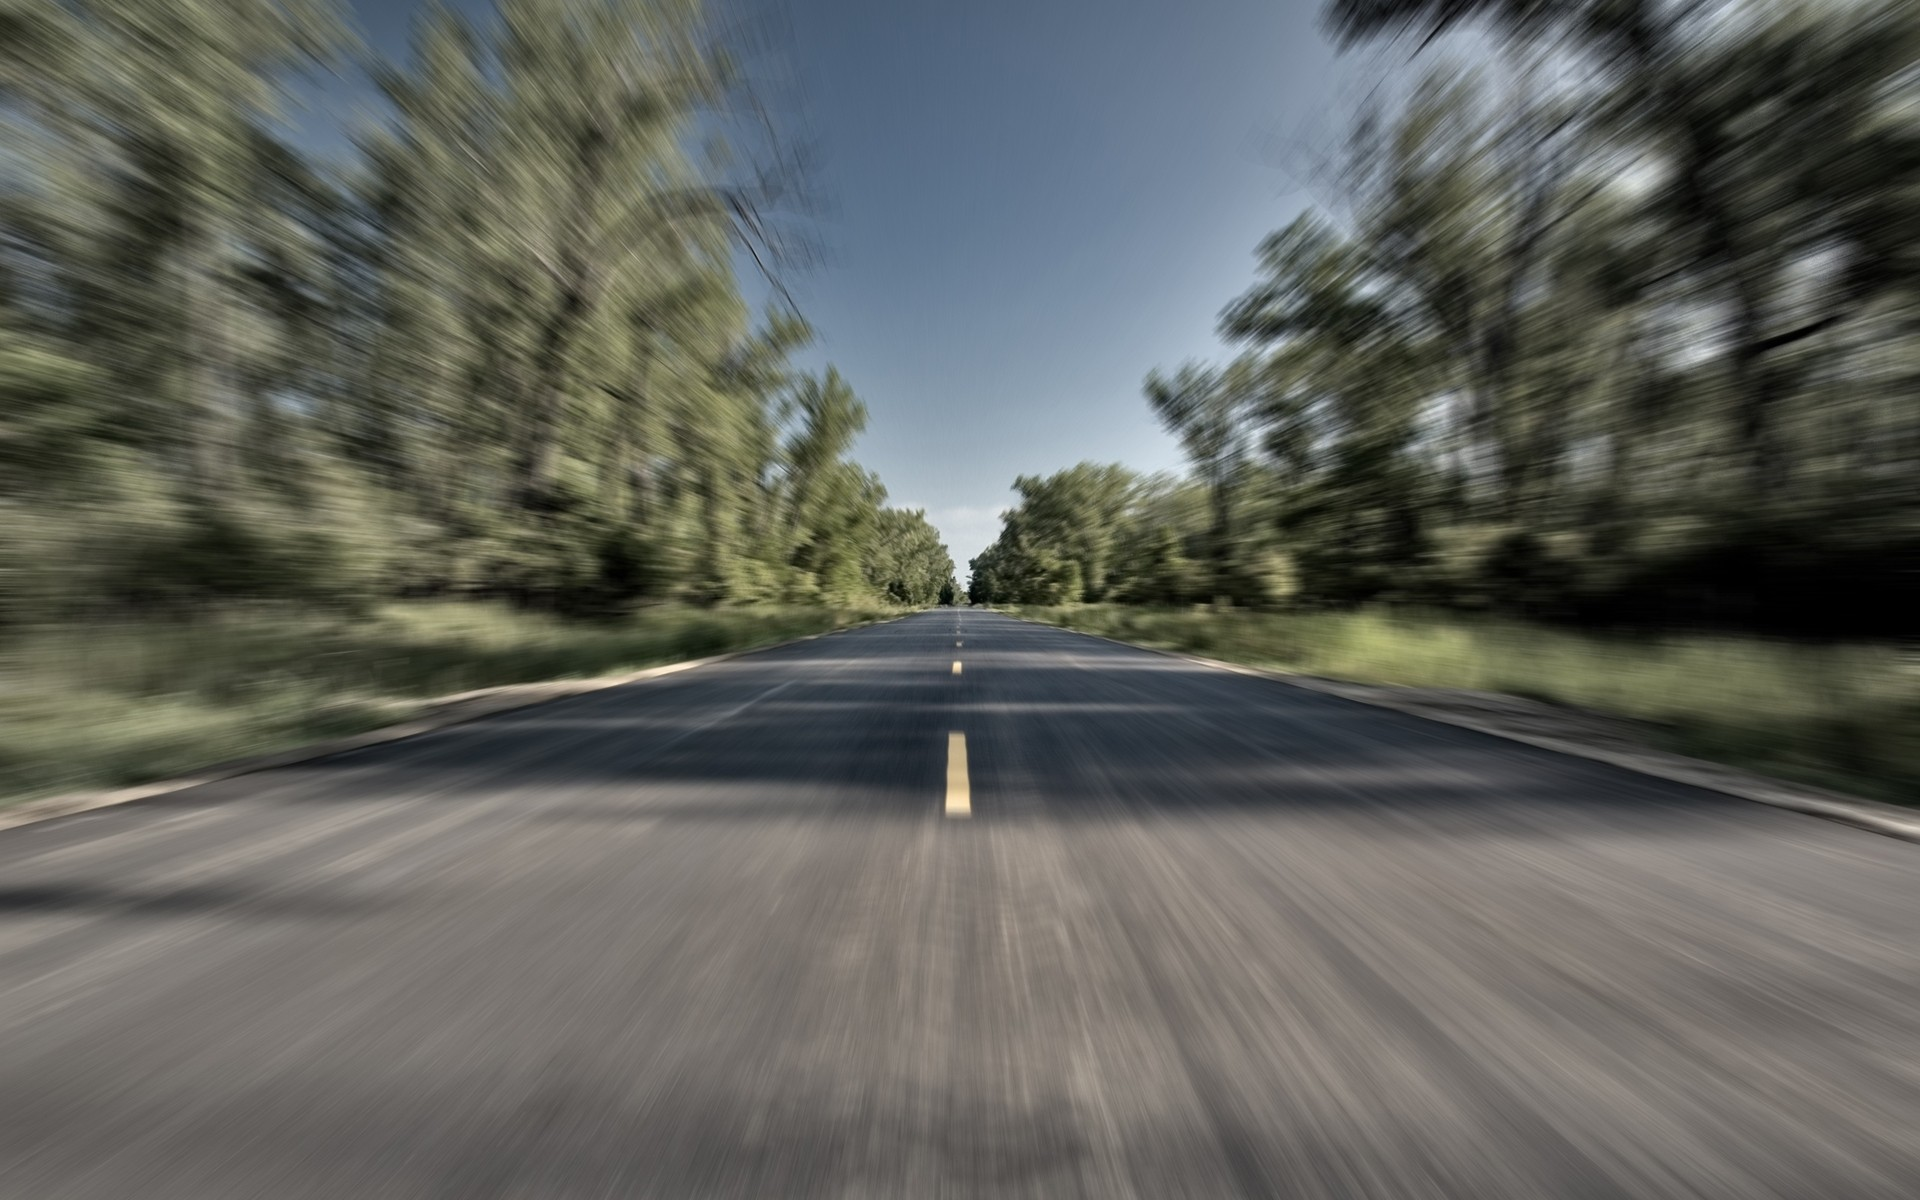 roads-driving_00258929